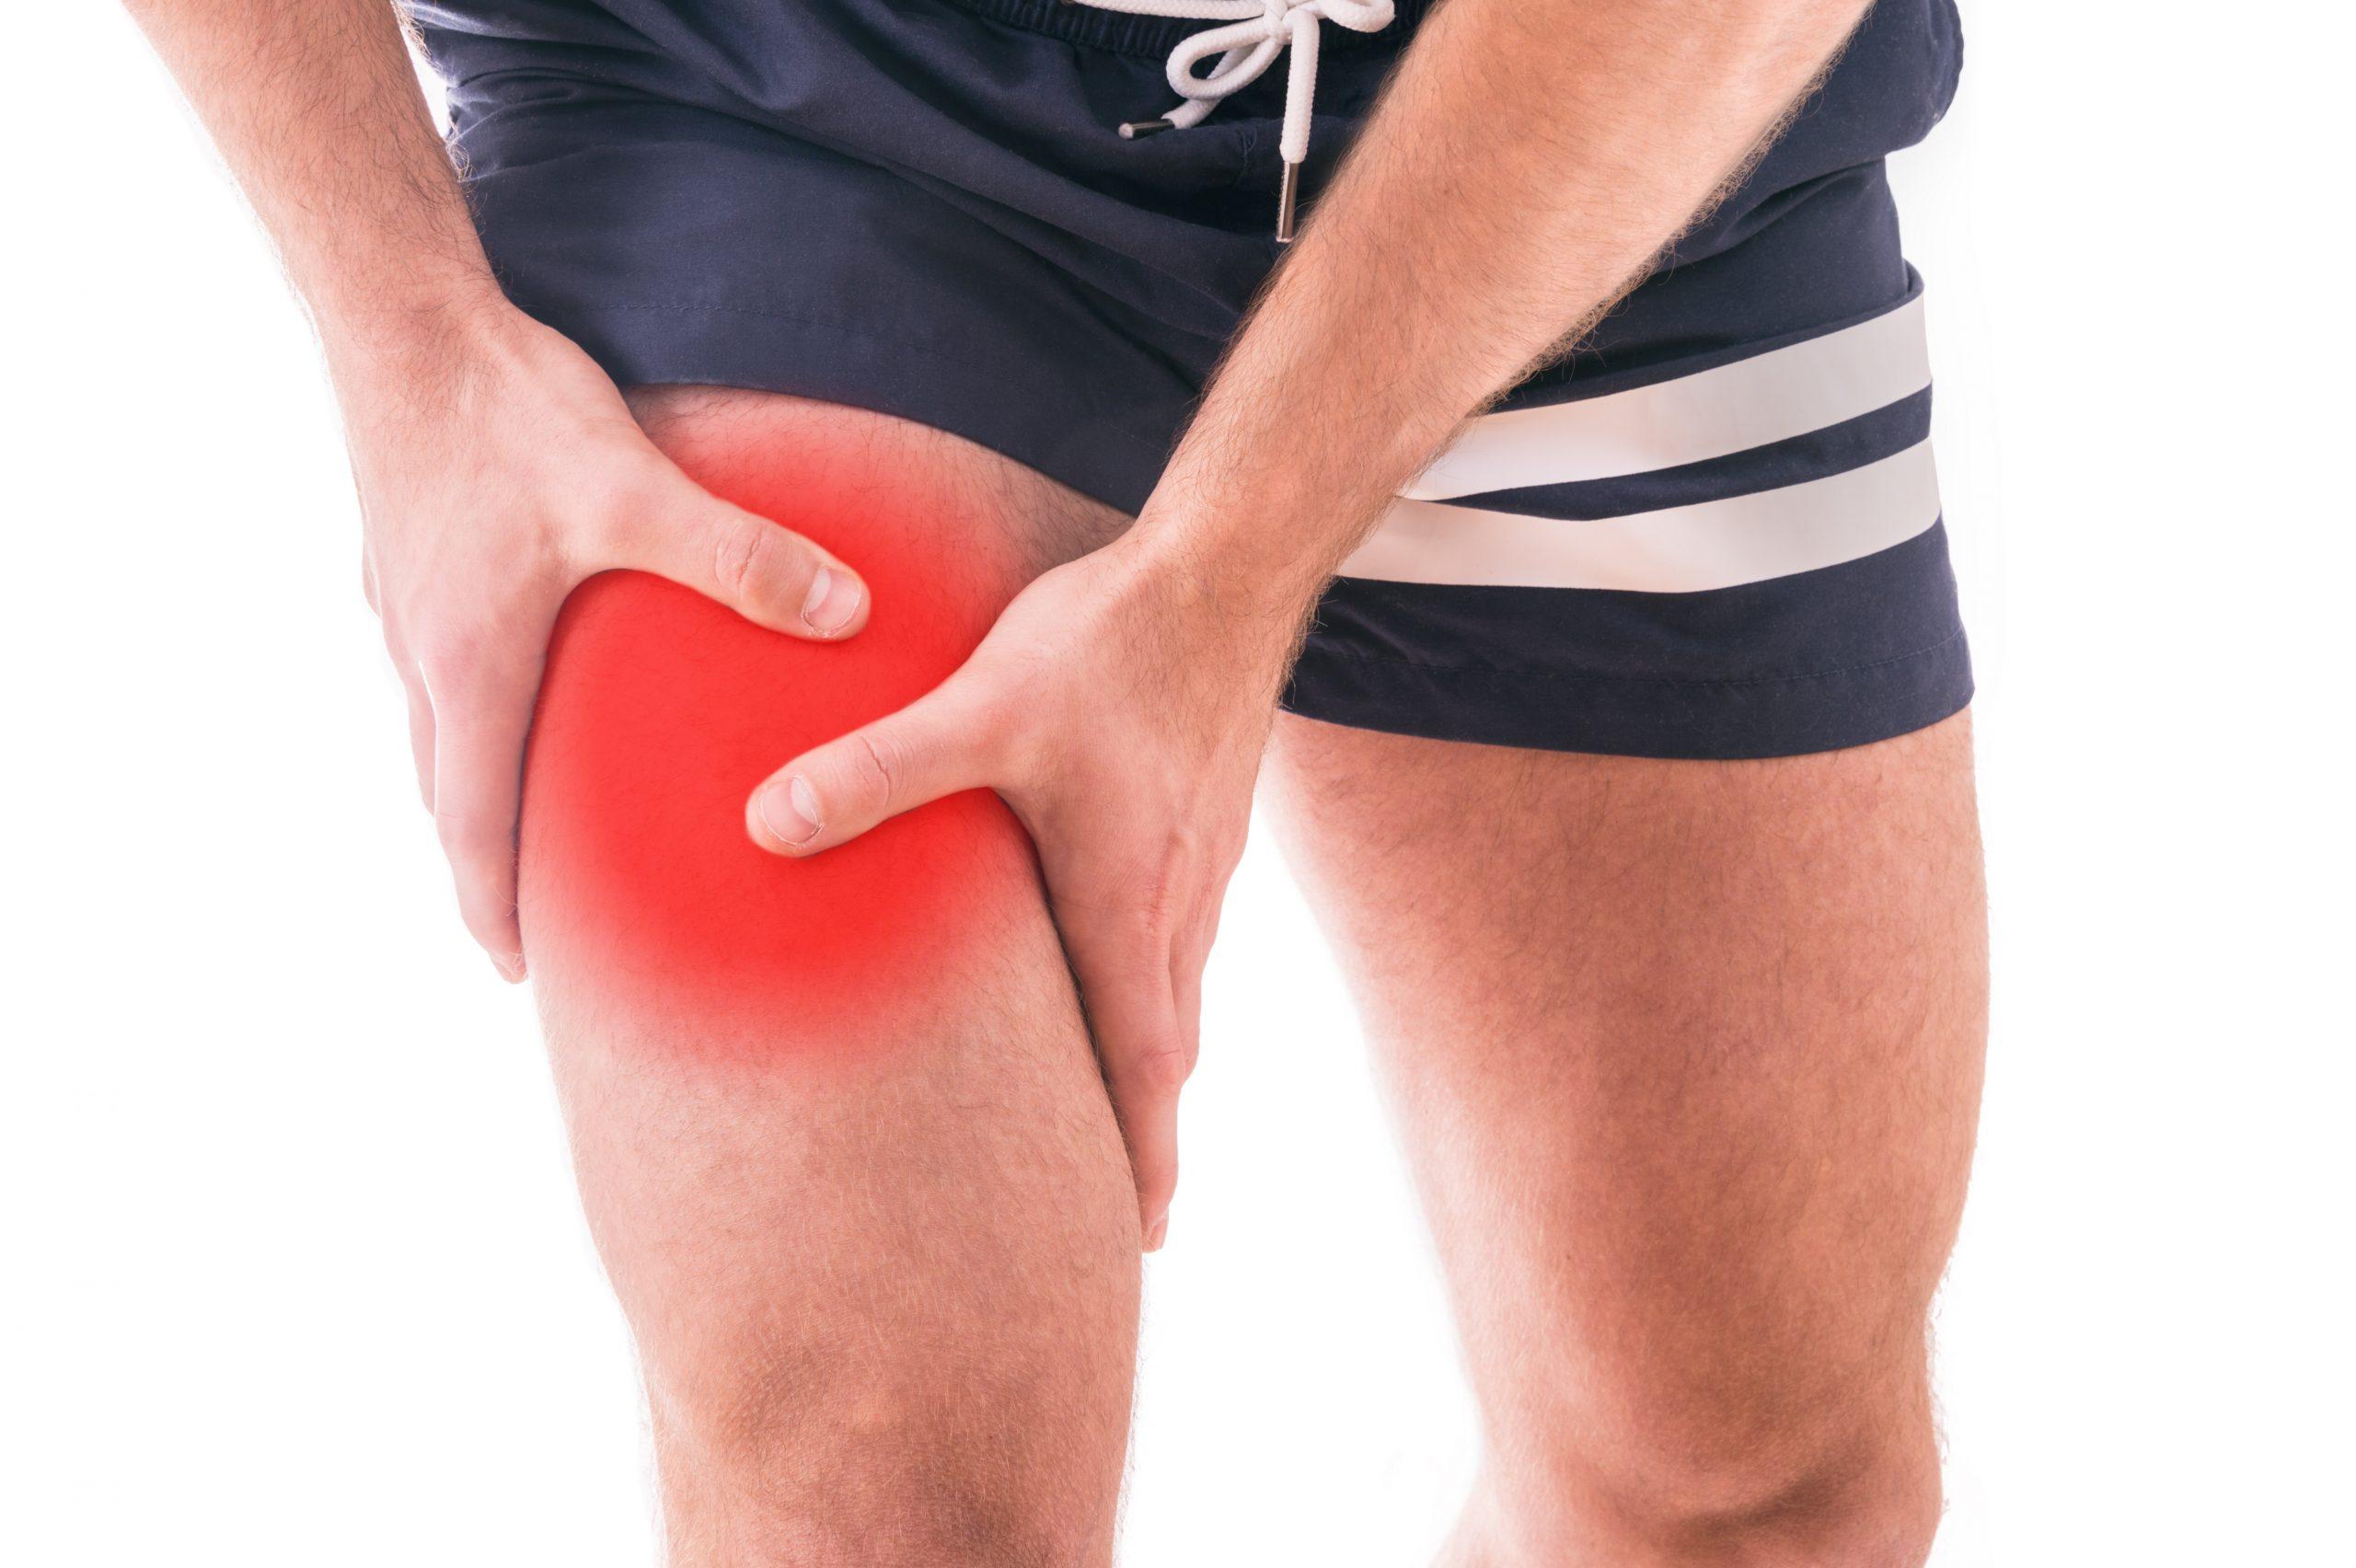 التهاب الغدد اللمفاوية في الفخذ